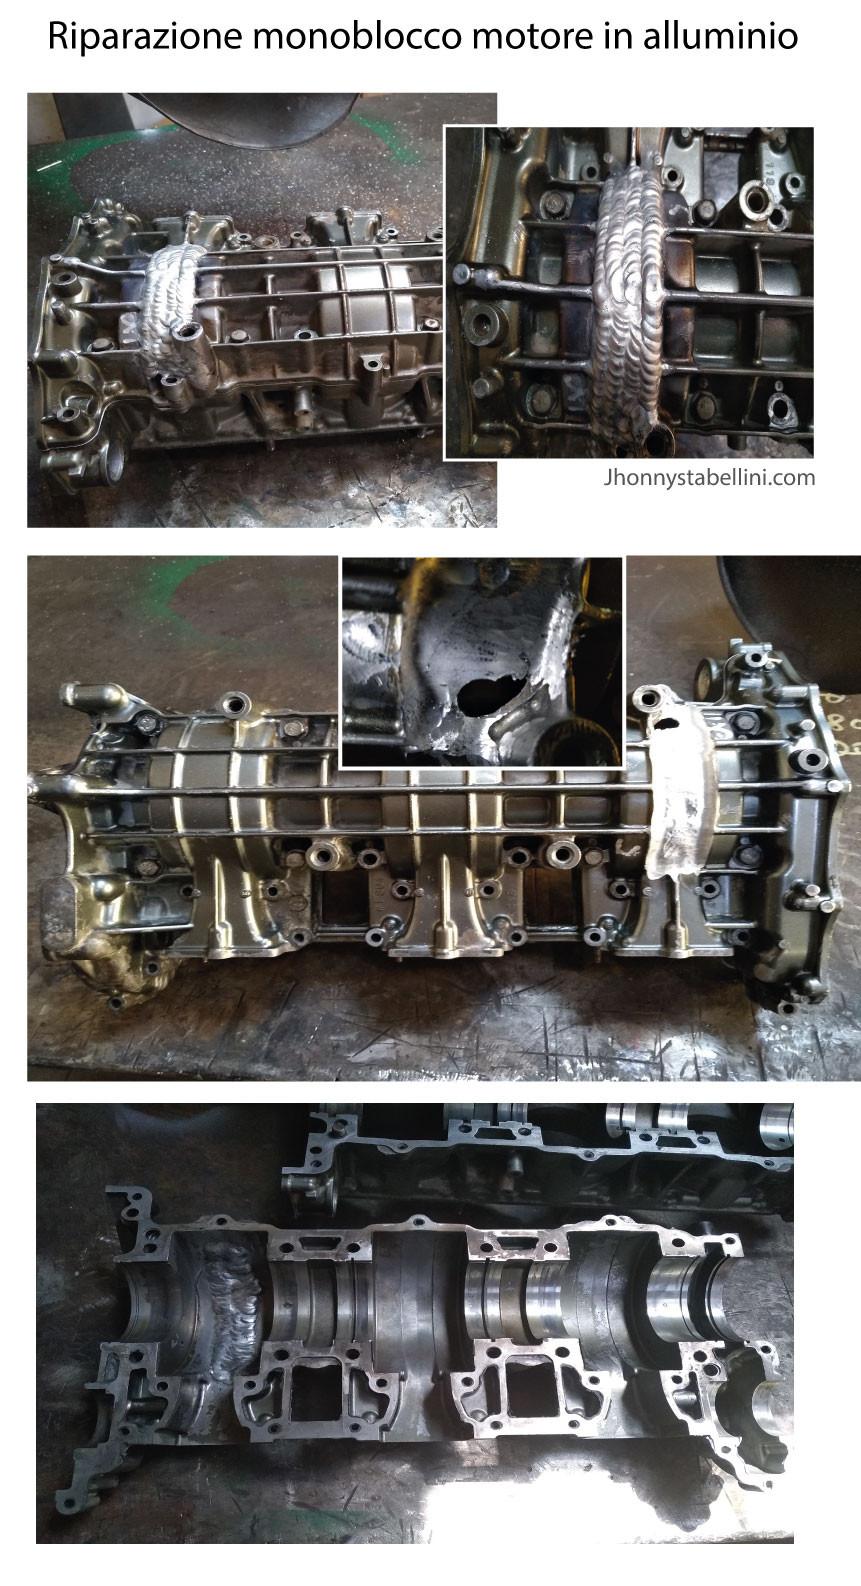 Riparazione monoblocco motore in alluminio tramite saldatura TIG